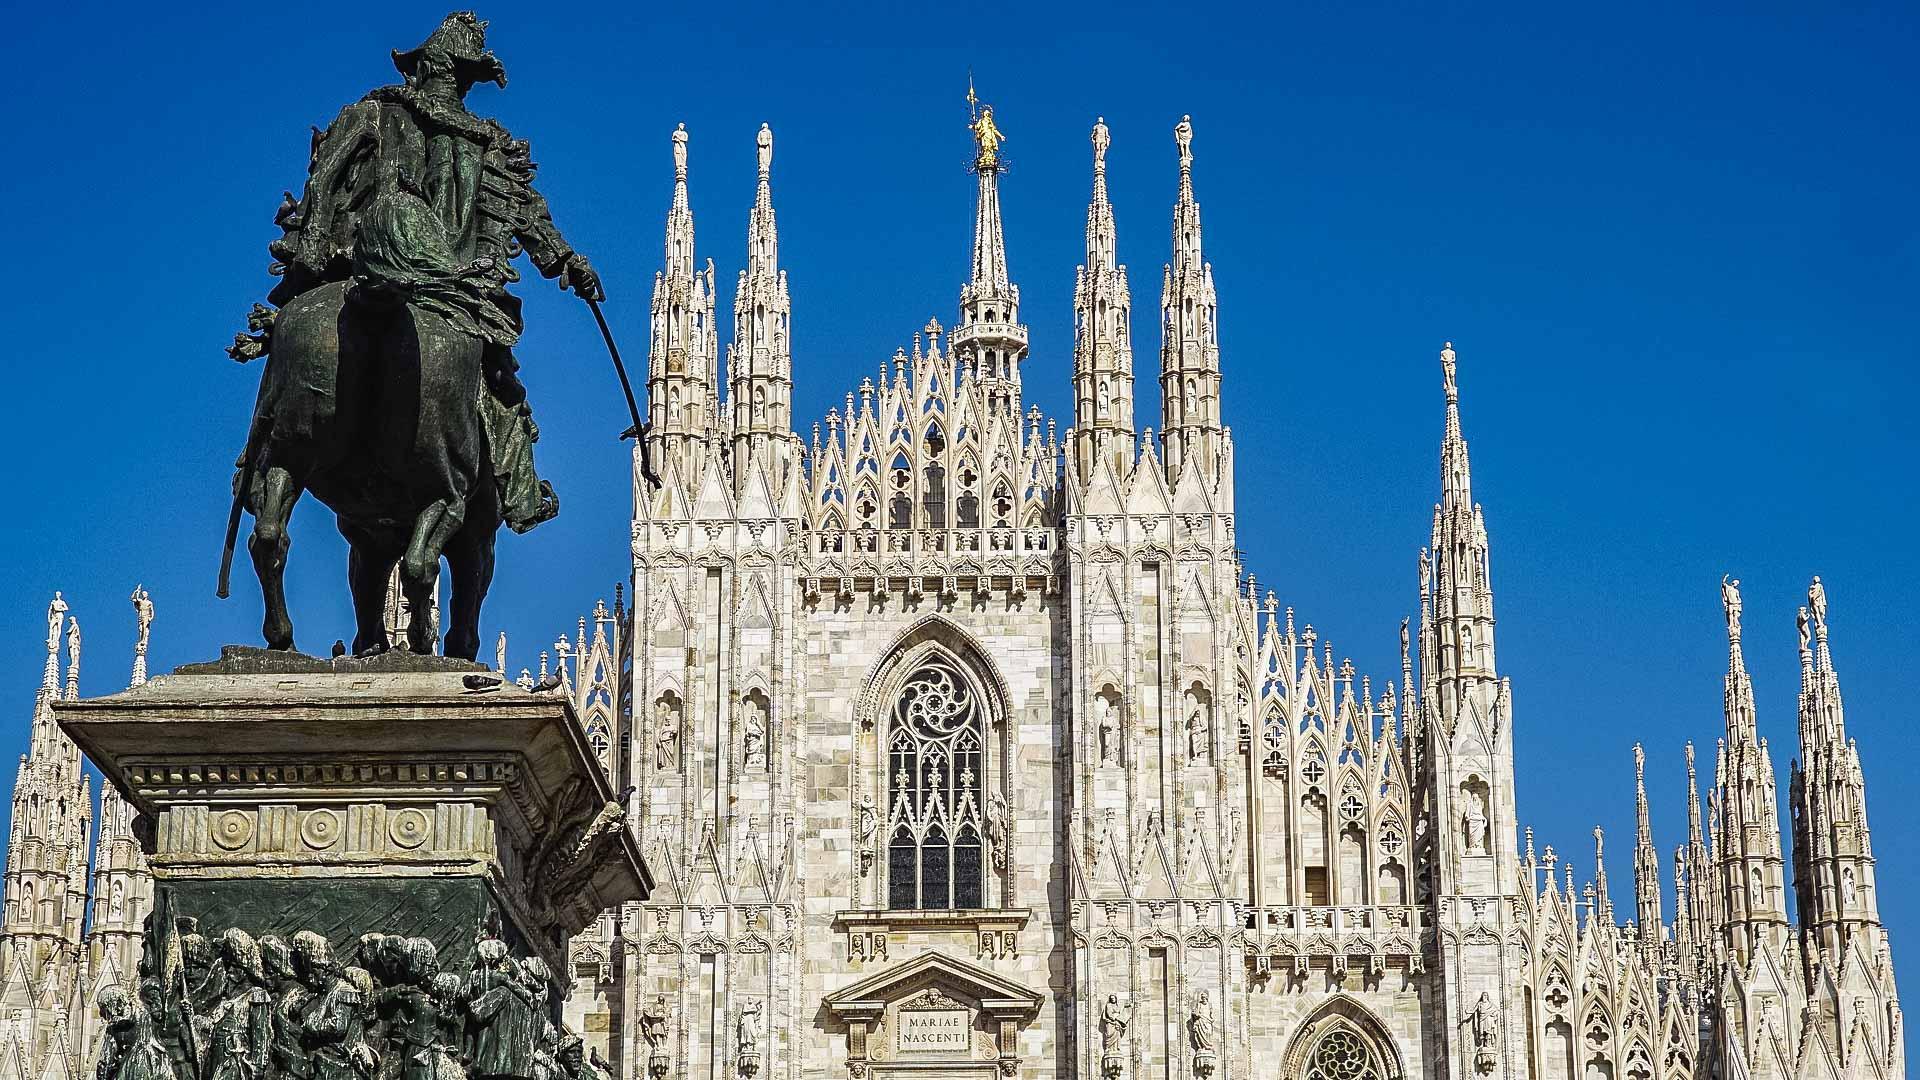 Una visione parziale sulla bellissima facciata del Duomo di Milano con le sue altissime guglie. Sulla destra spicca in primo piano la statua di Vittorio Emanuele che indica con la spada il Duomo.